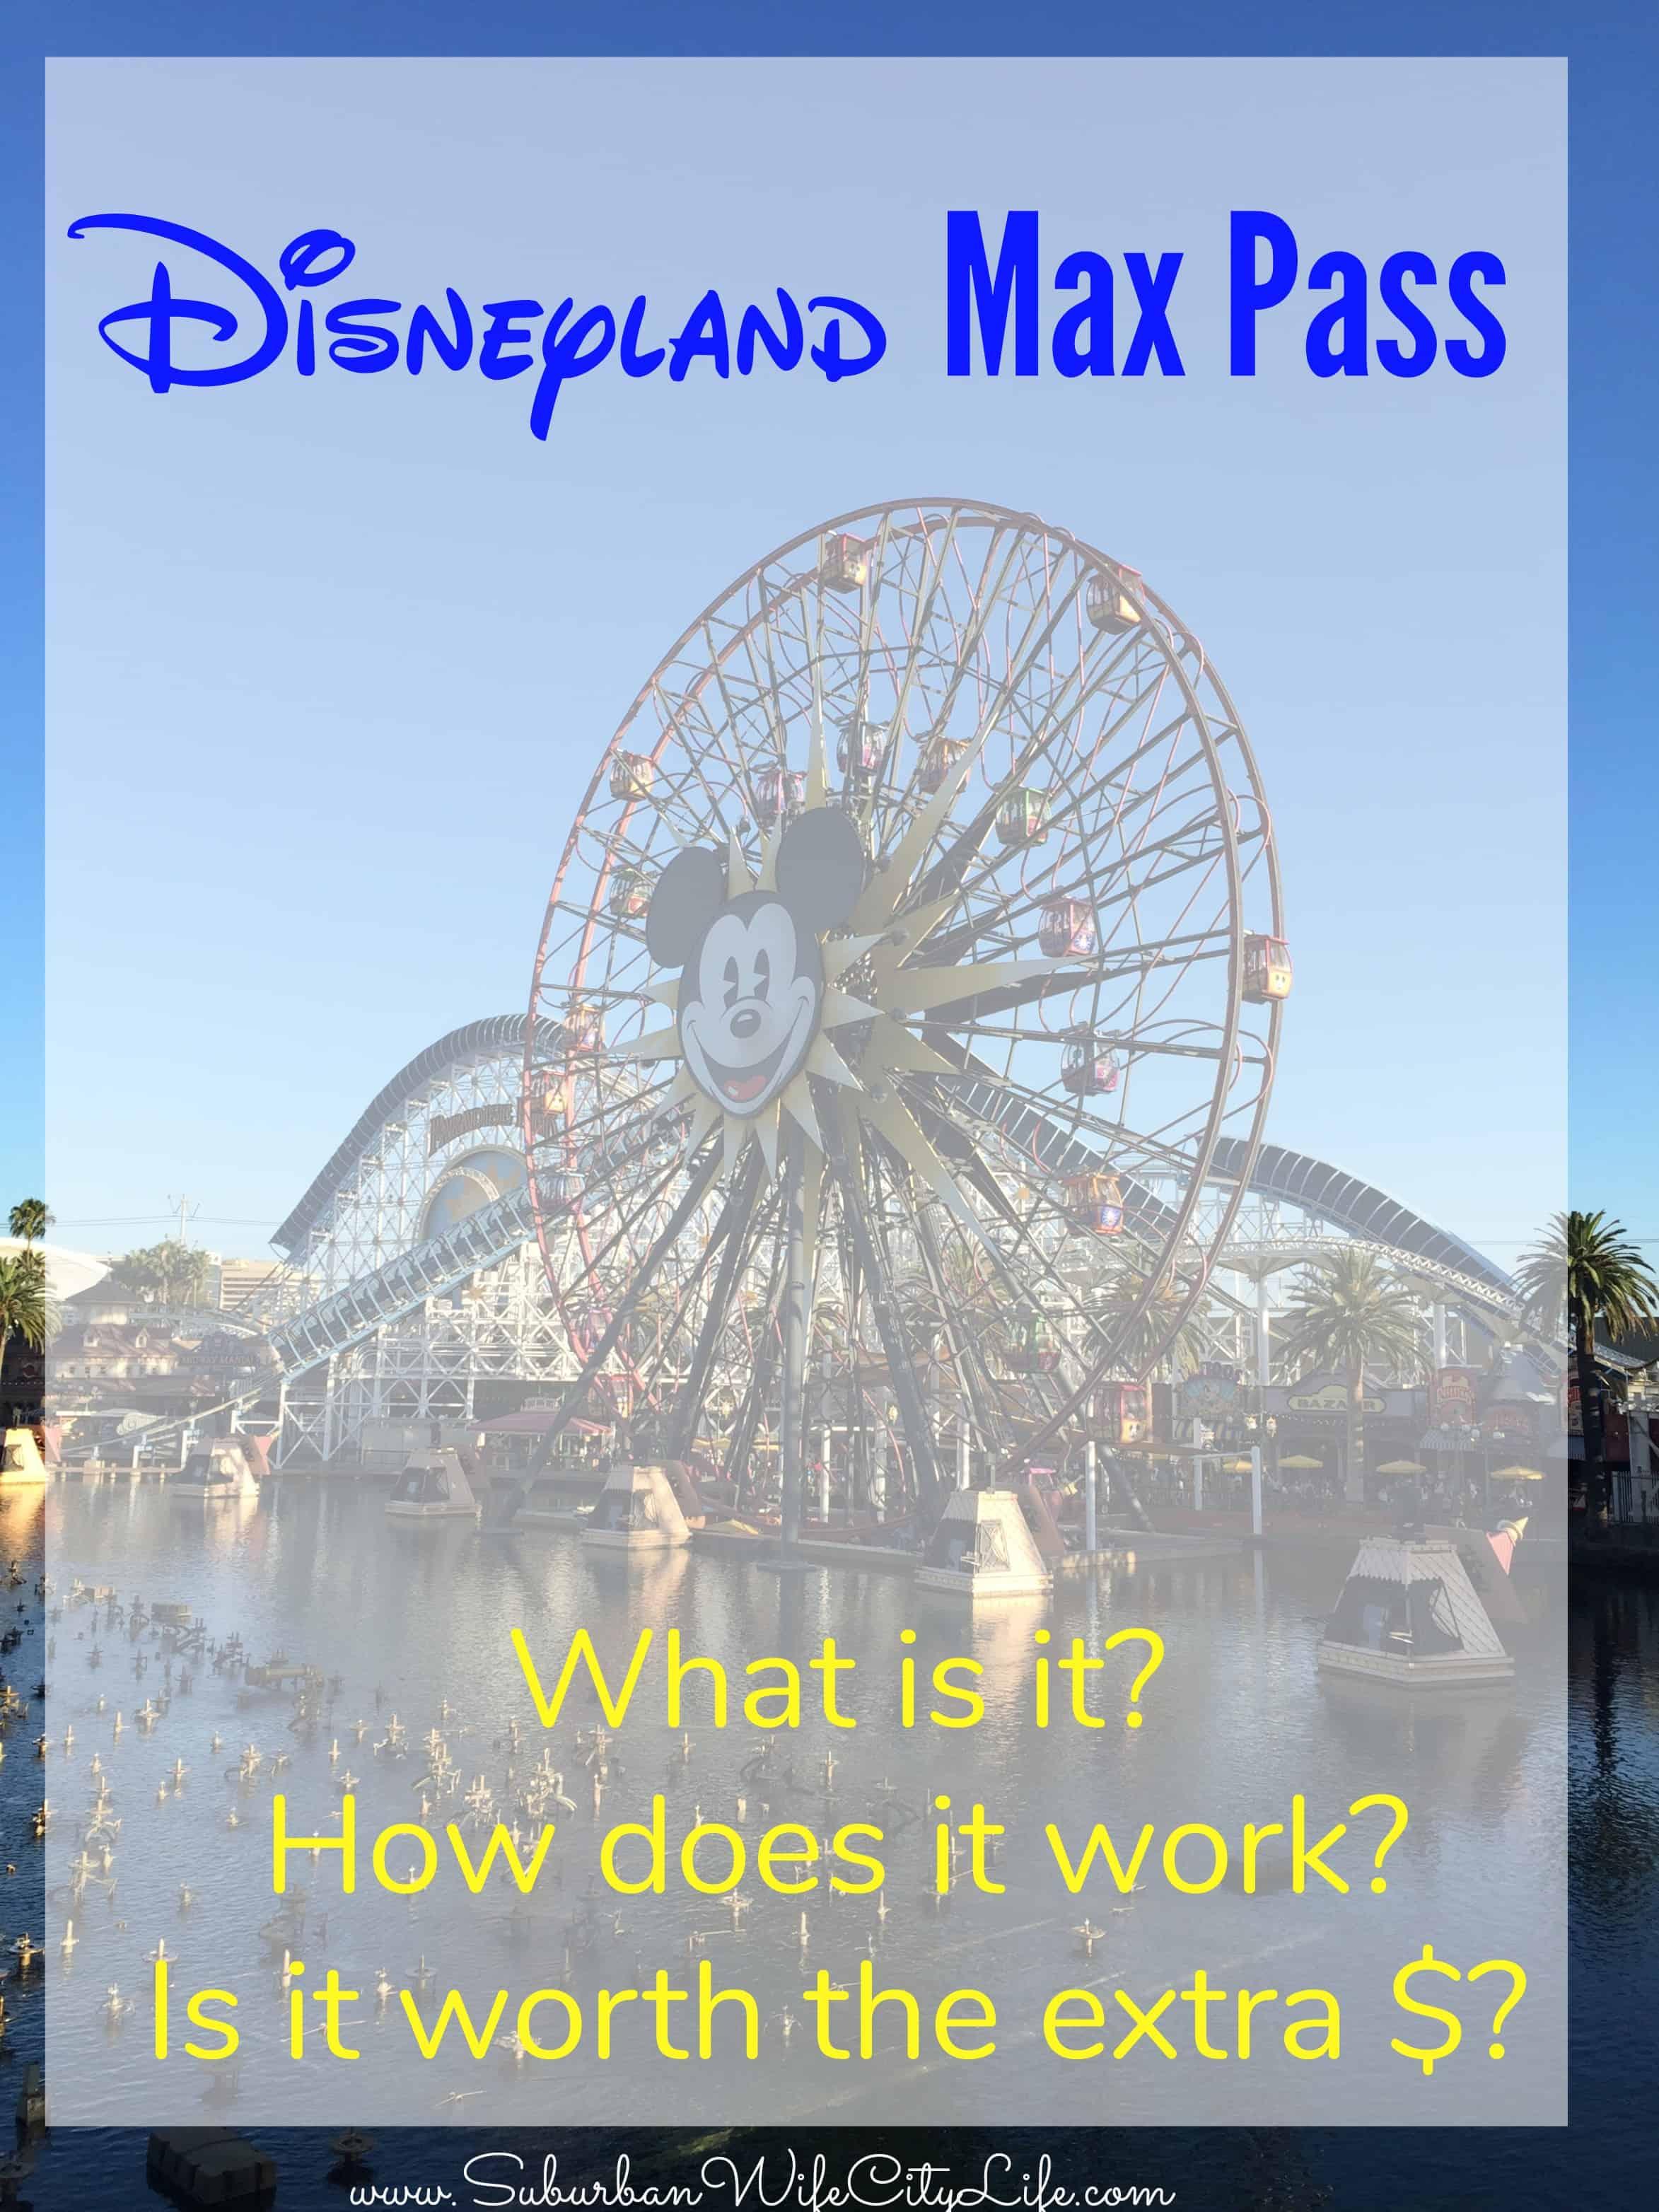 Disneyland Max Pass